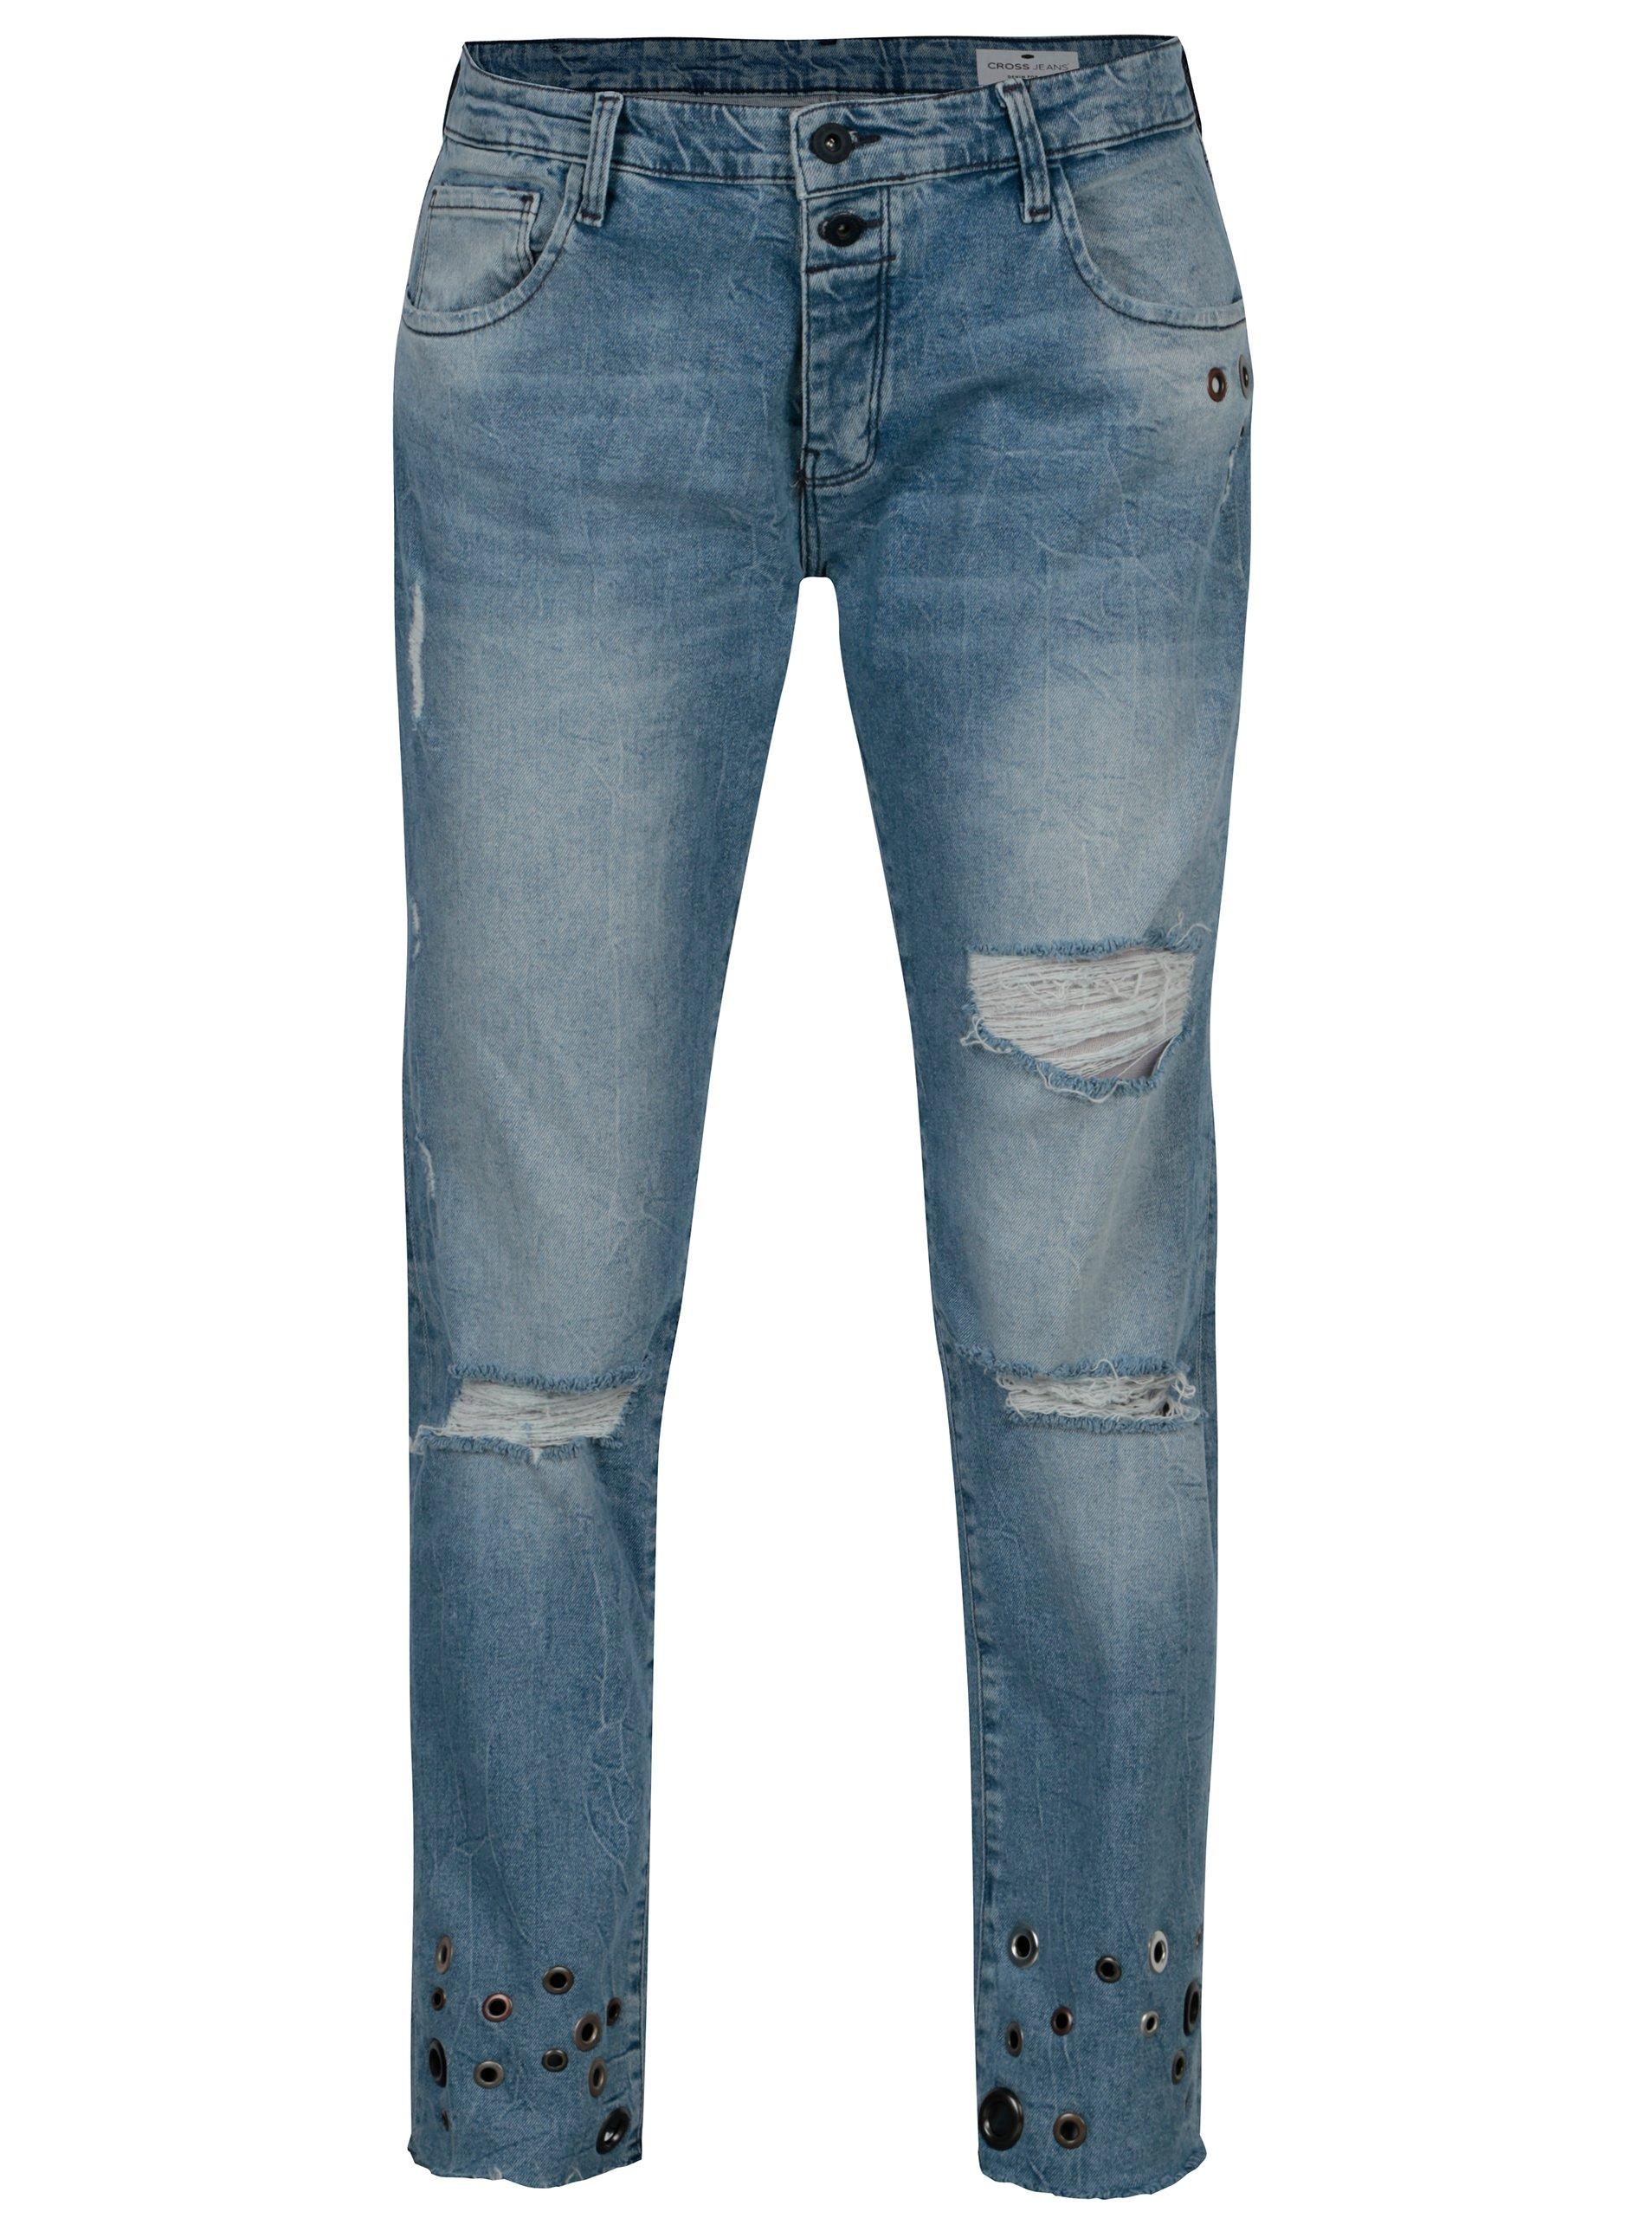 Modré dámské boyfriend džíny Cross Jeans